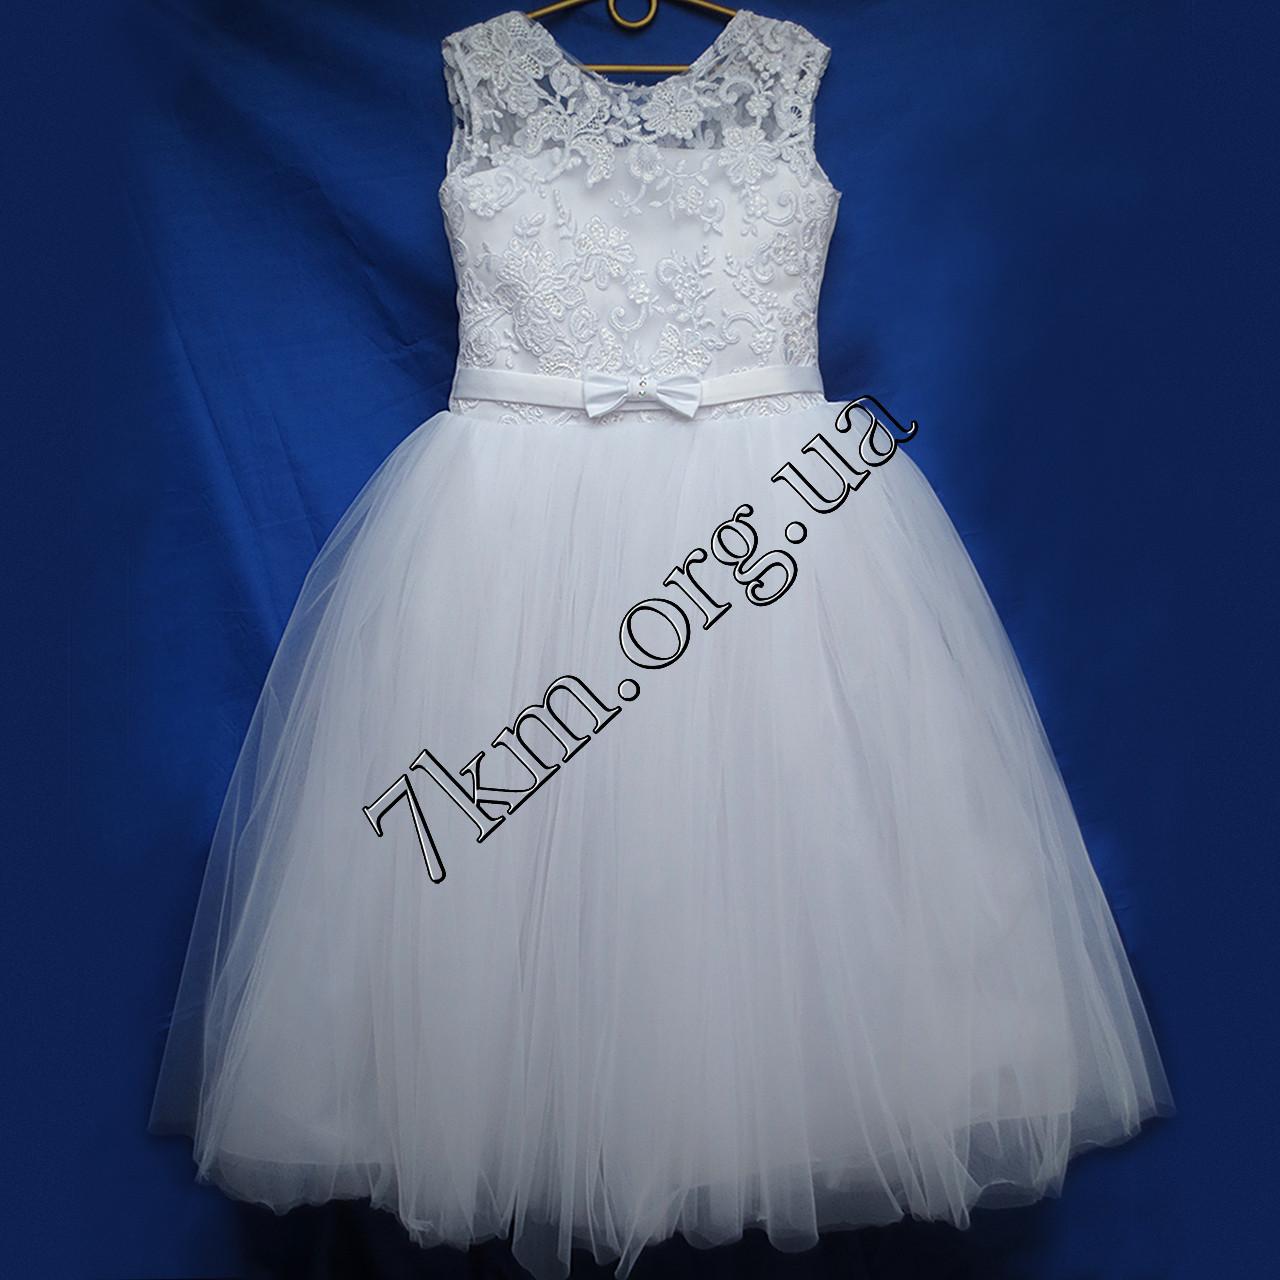 e4376e39e7d Платье детское нарядное для девочек 8-9 лет